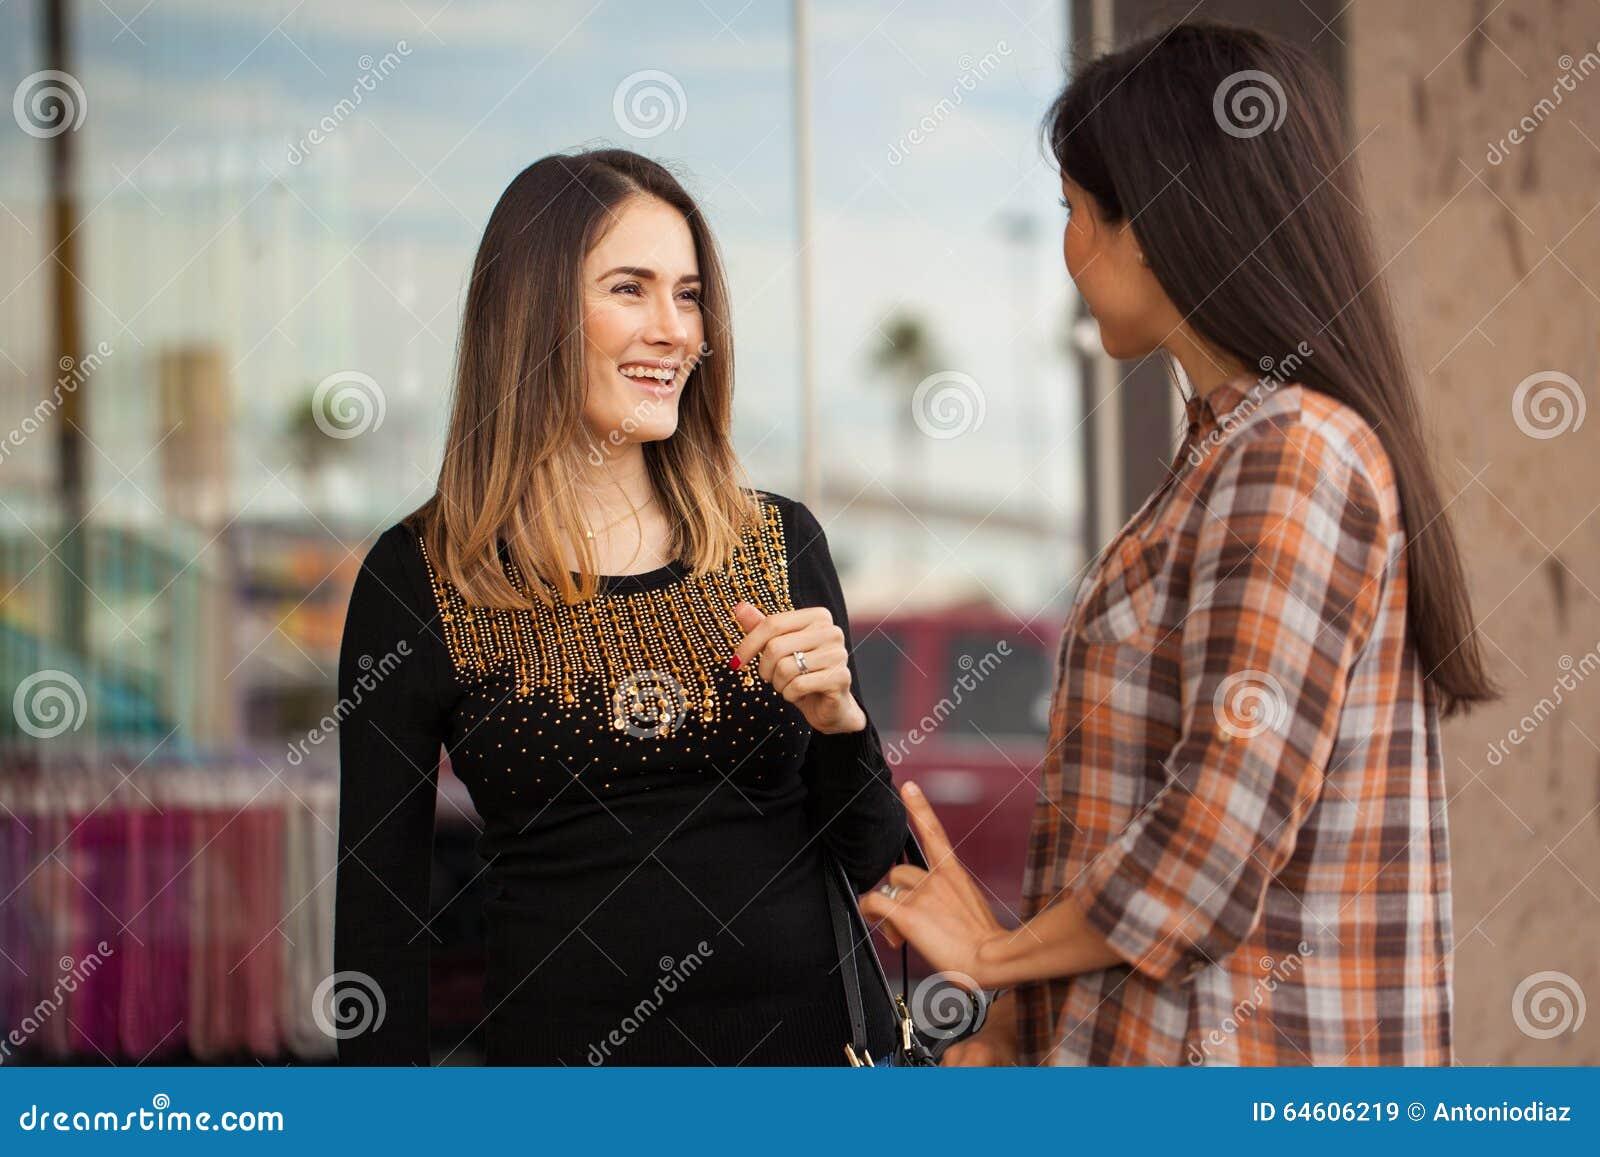 Freund will sich mit anderen frauen treffen